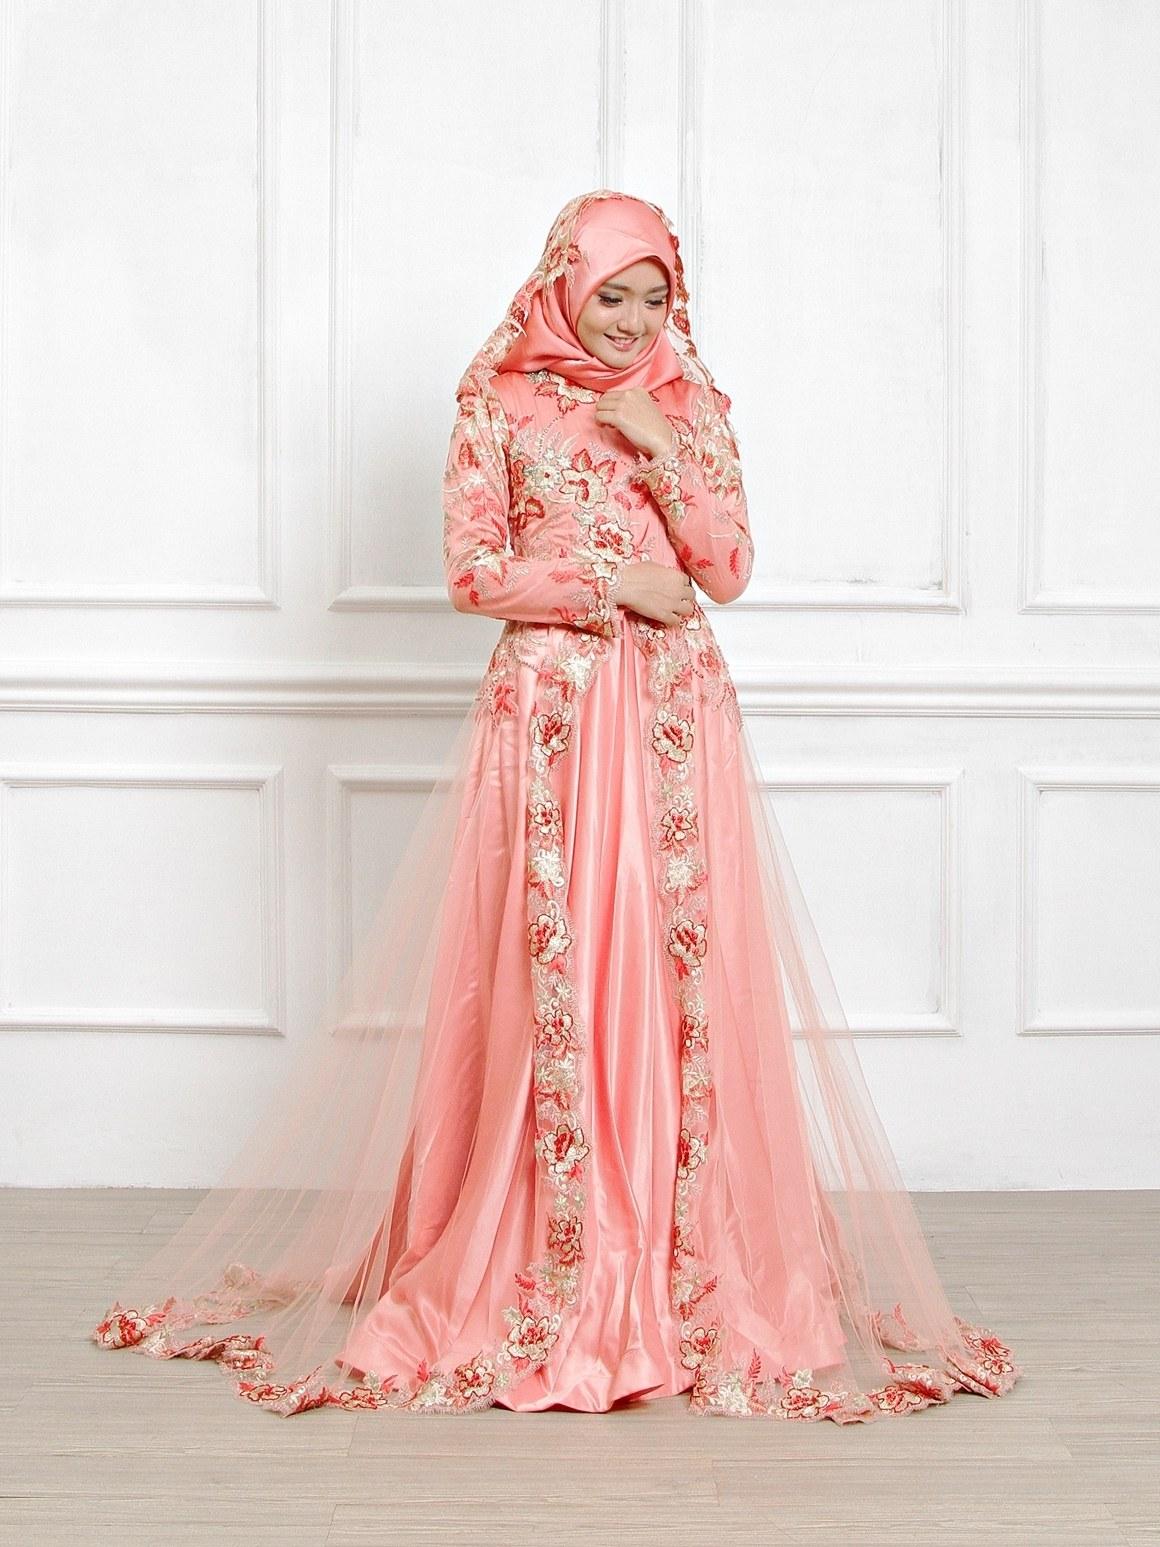 Design Sewa Baju Pengantin Muslimah Murah 3ldq Sewa Perdana Baju Pengantin Muslimah Jogja Gaun Pengantin